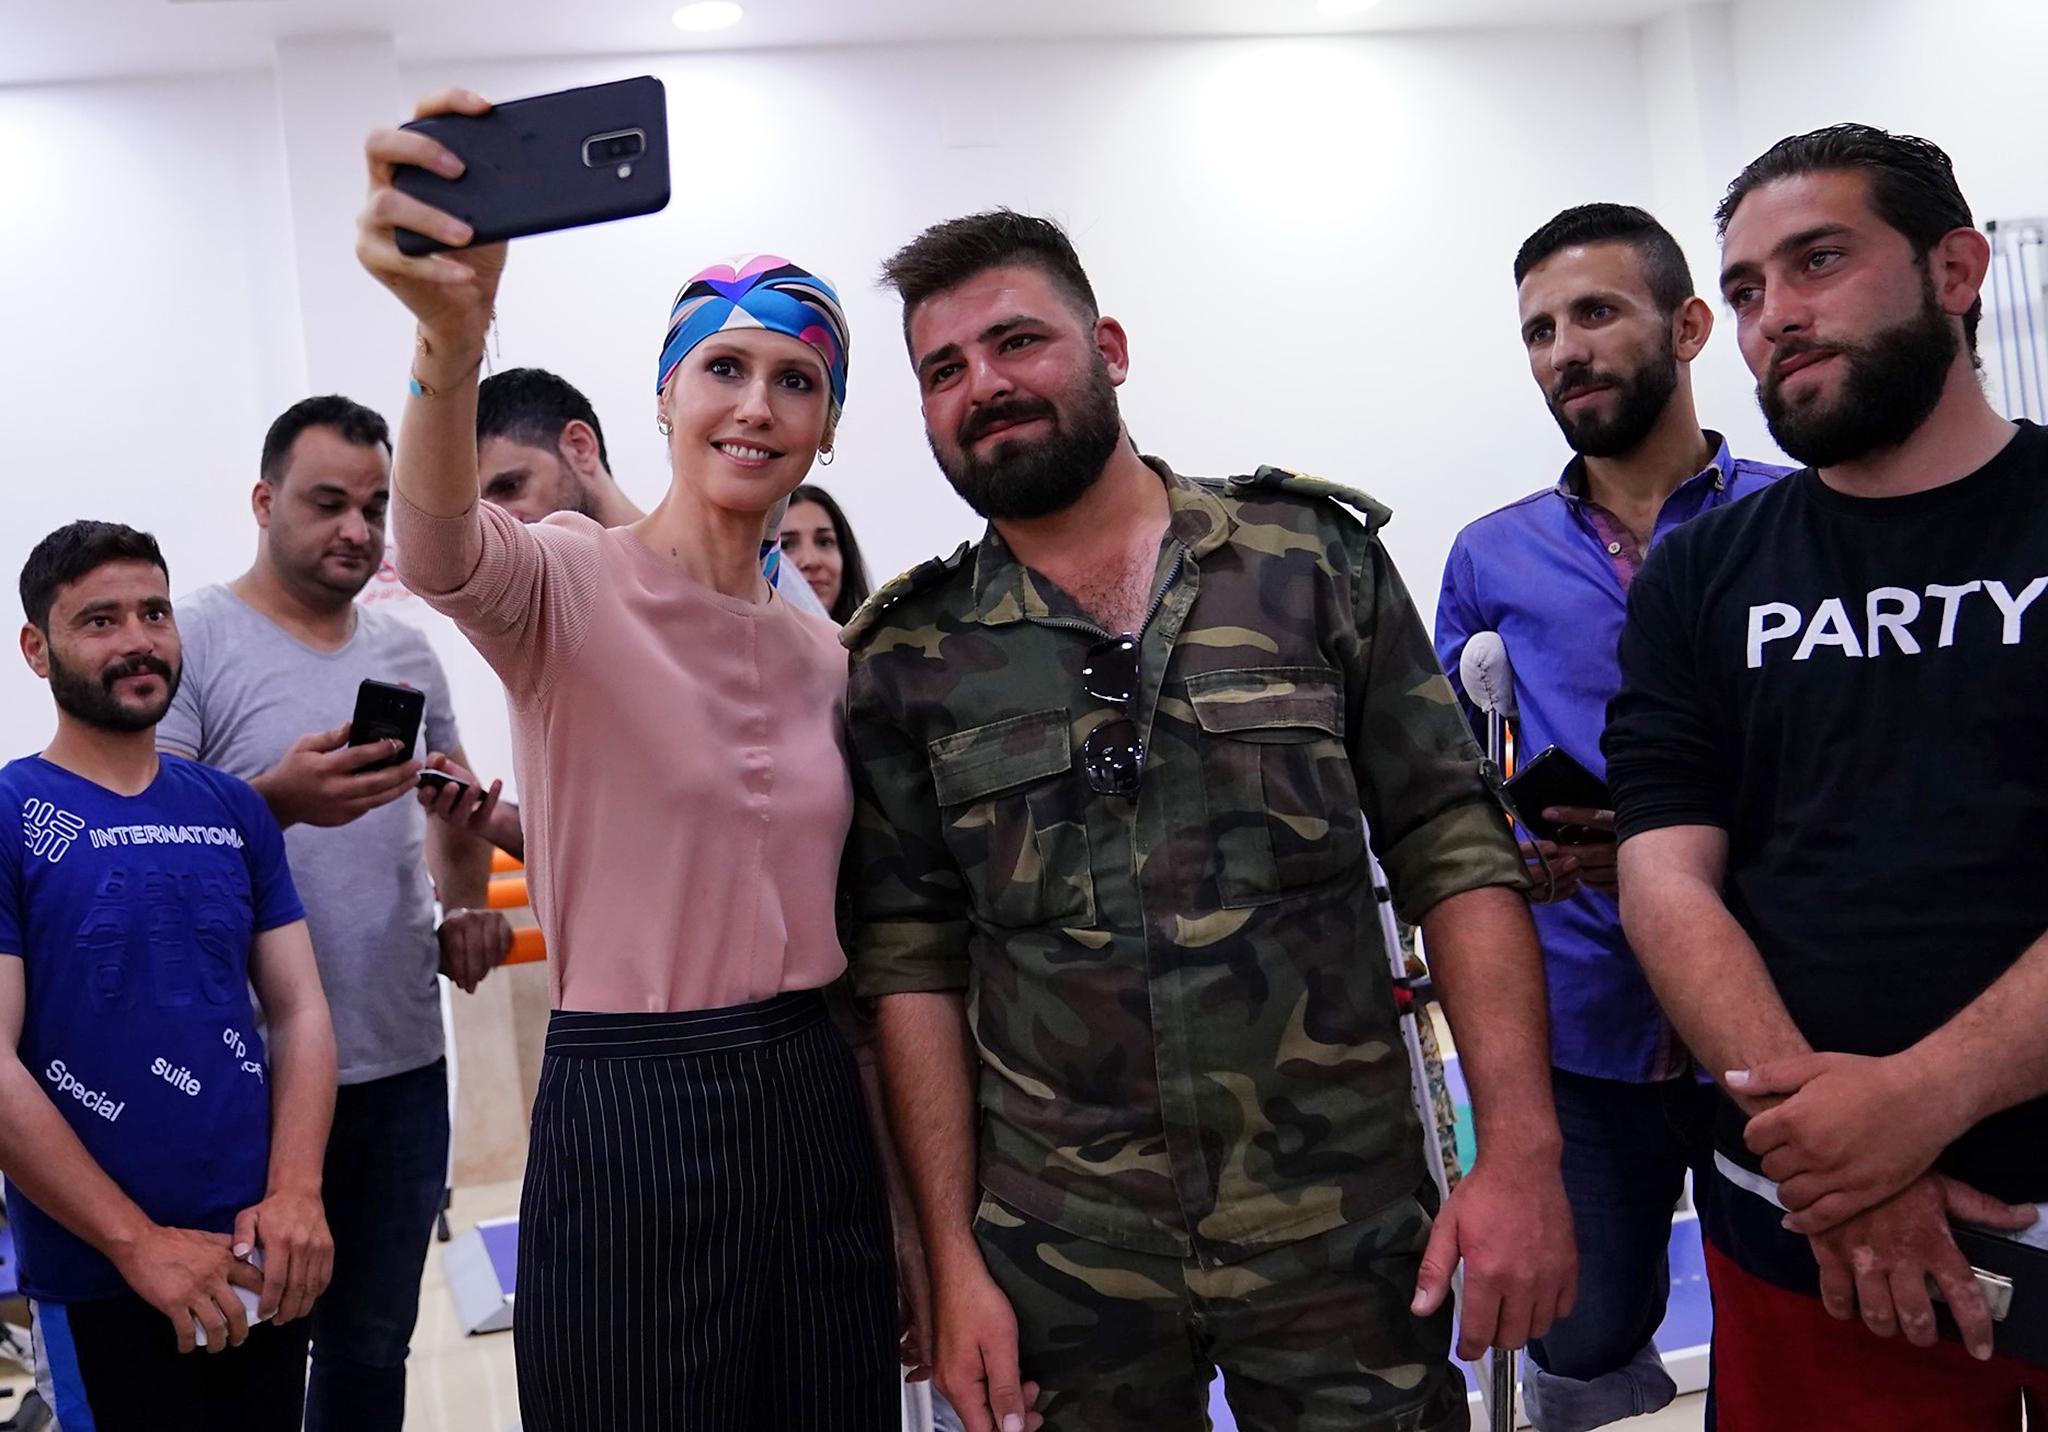 أسماء الأسد تحاول منذ فترة لفت أنظار السوريين إليها وكسب ولائهم